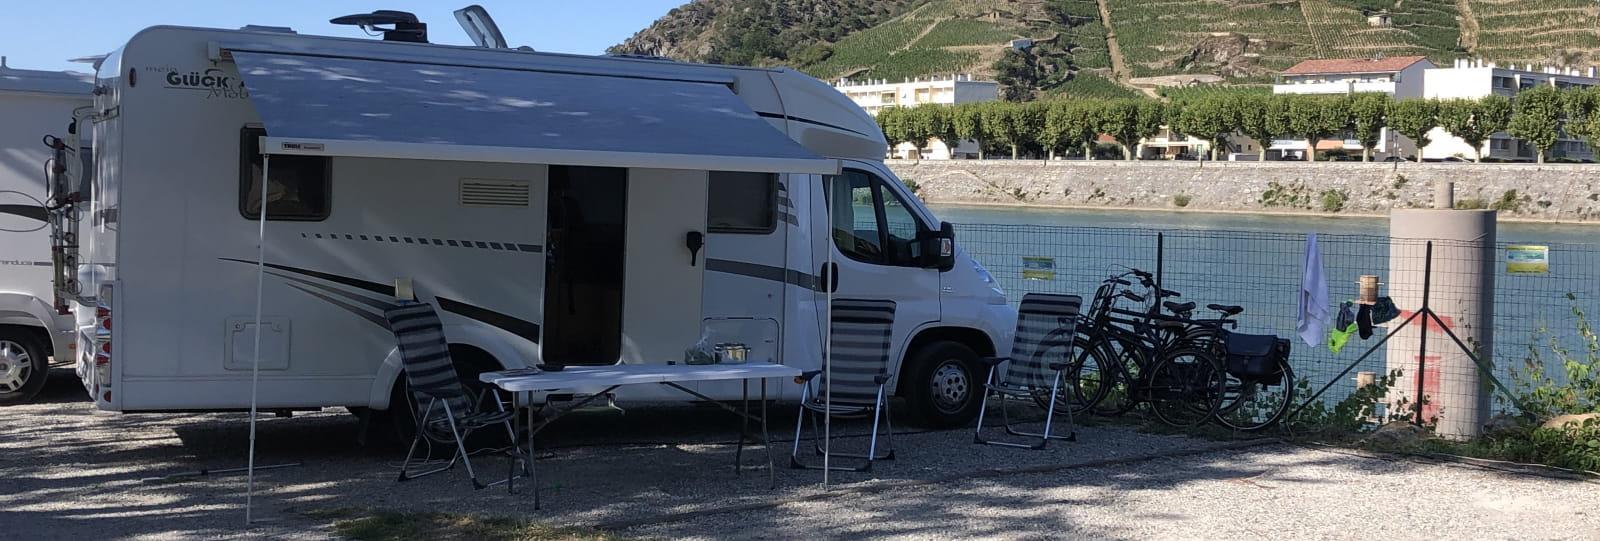 Aire de service/accueil camping-car au camping de Tournon HPA